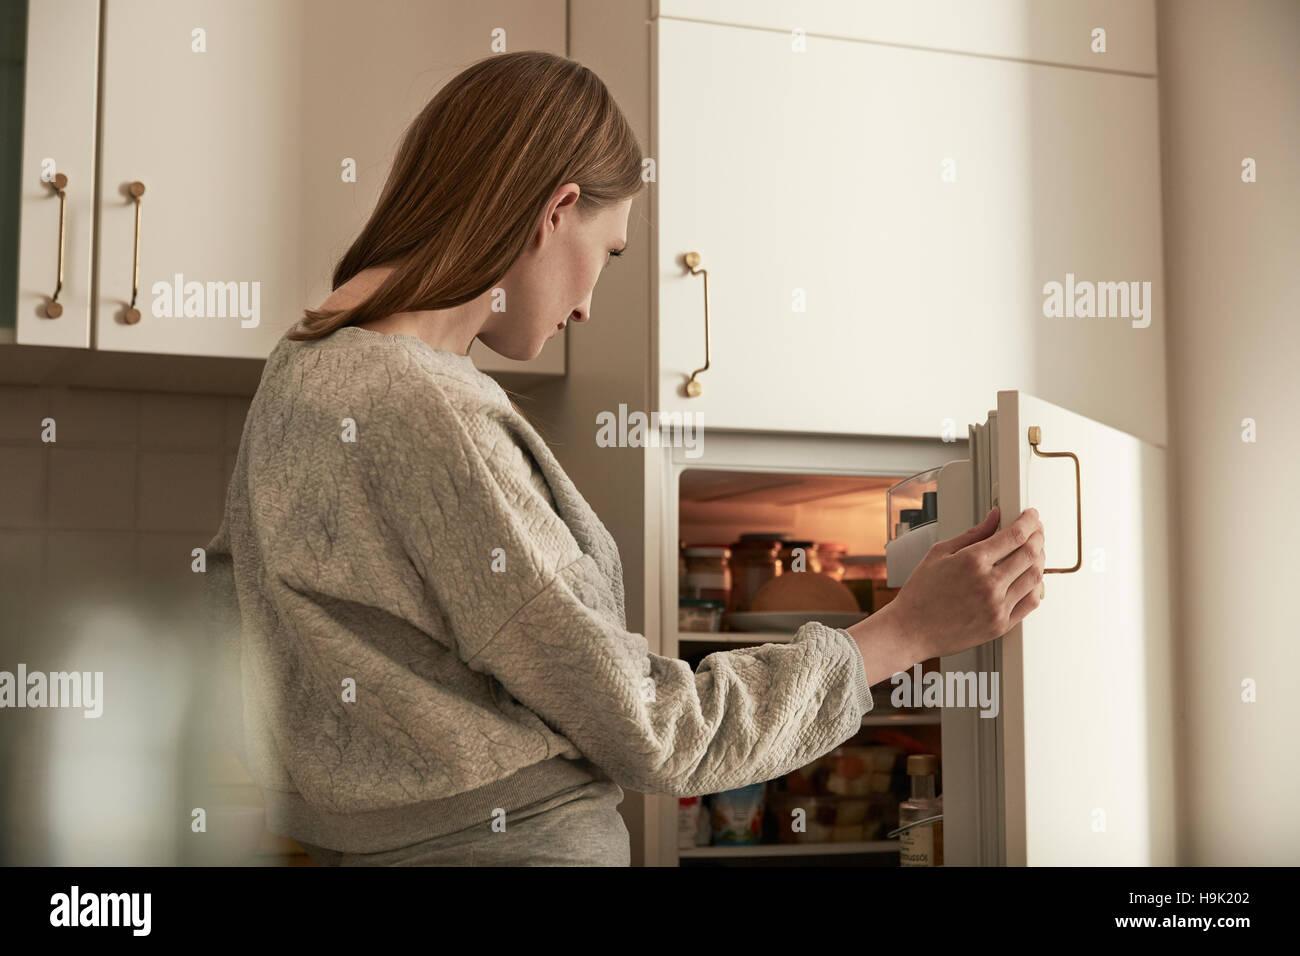 Donna che guarda in frigo Immagini Stock